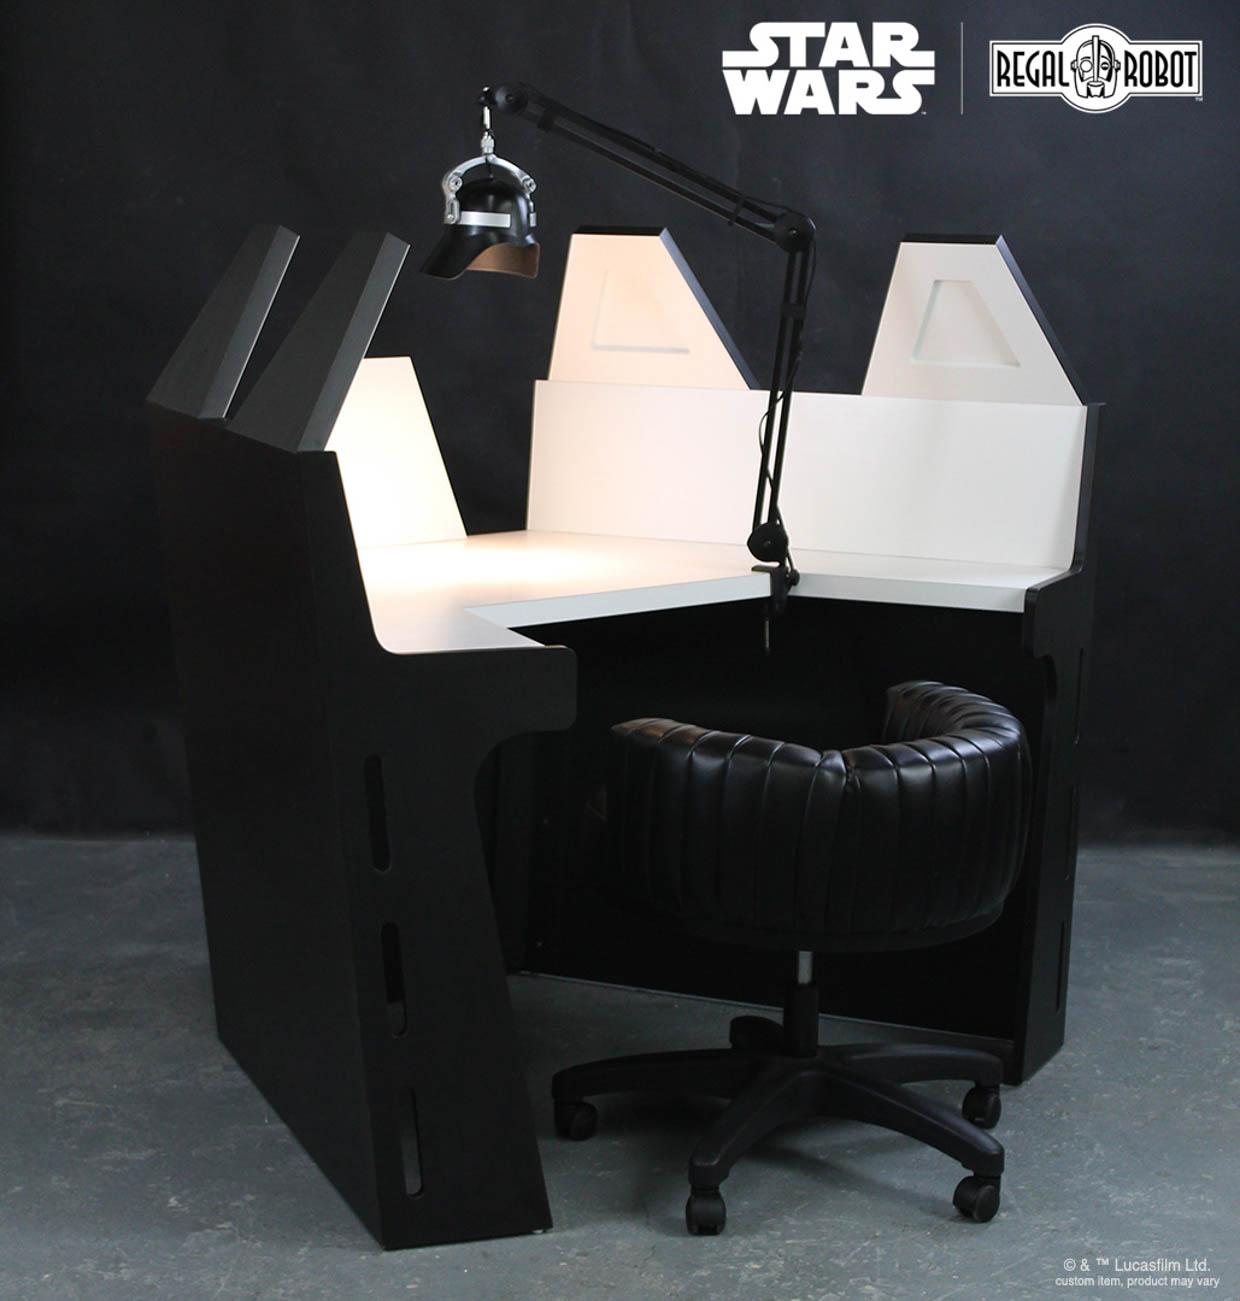 Darth Vader Meditation Chamber Desk